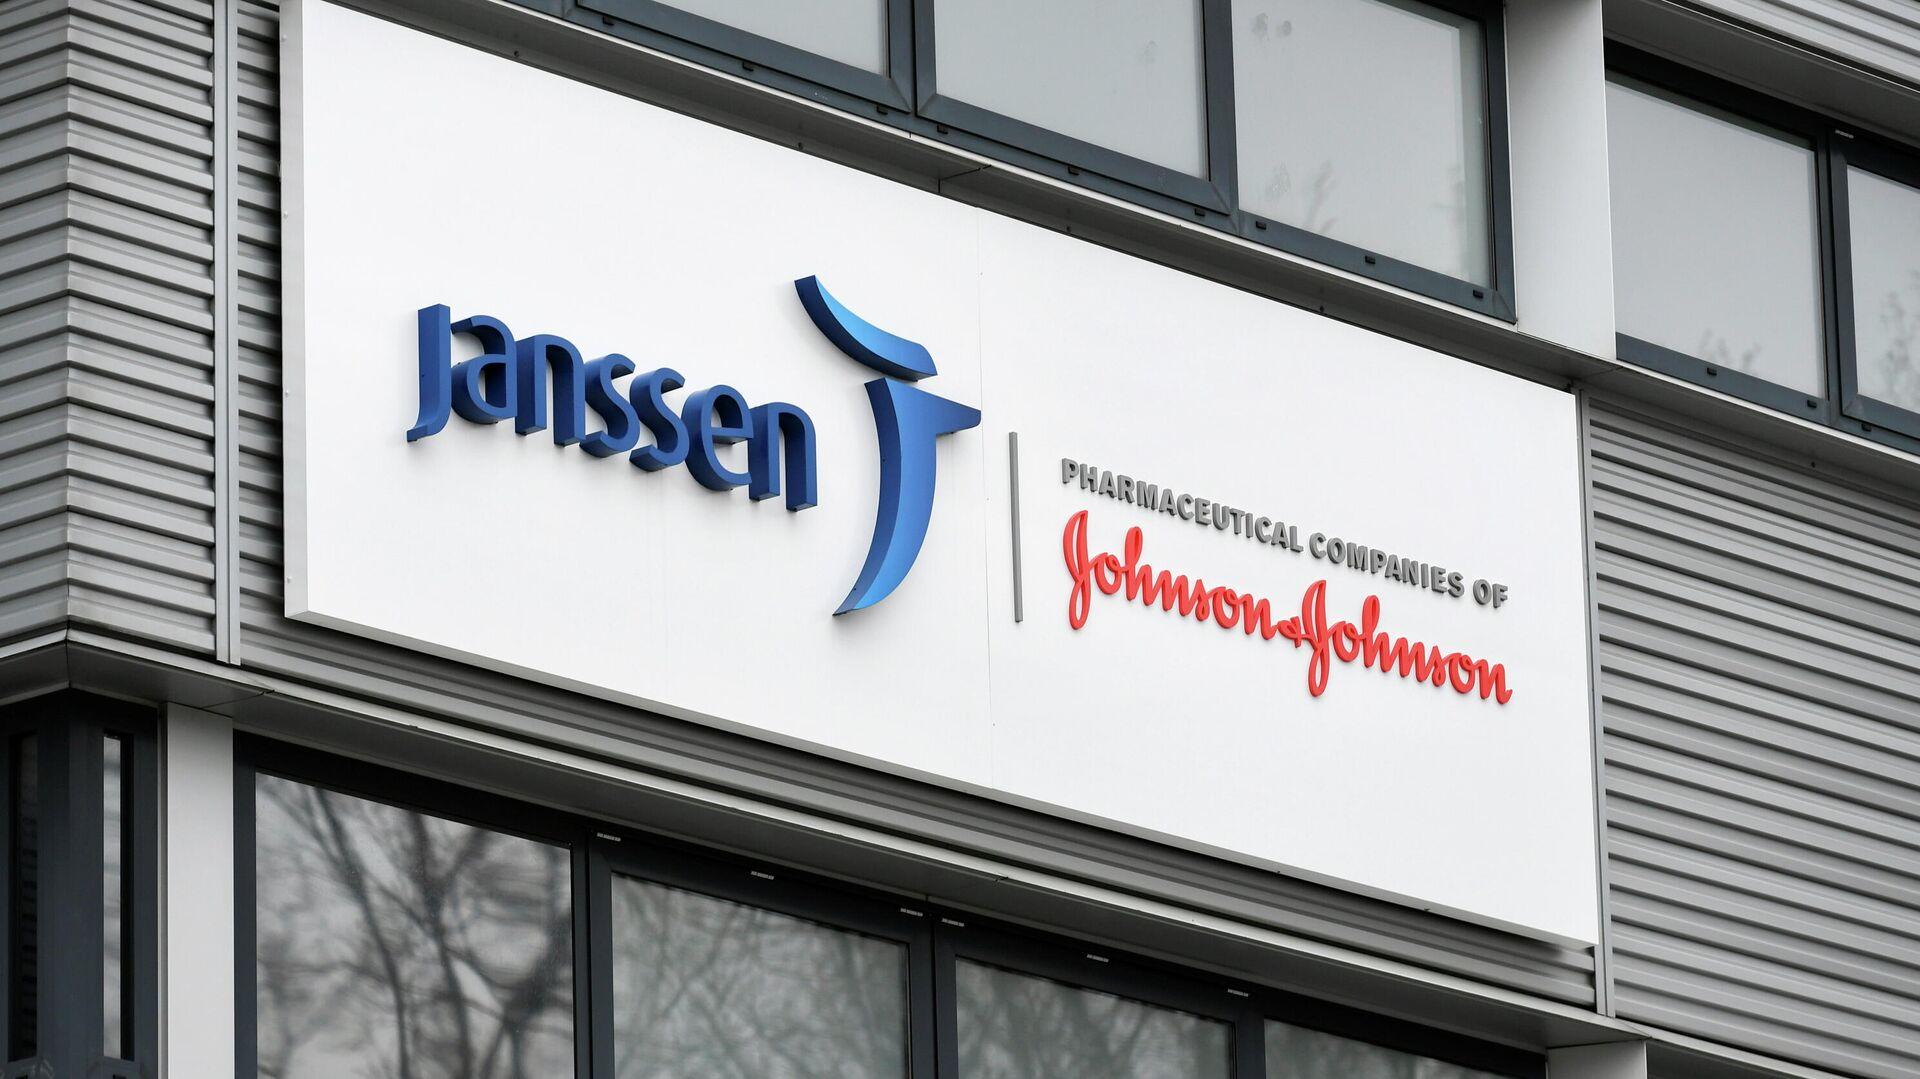 El logo de la compañía Janssen-Cilag, subsidiaria de Johnson & Johnson - Sputnik Mundo, 1920, 31.03.2021